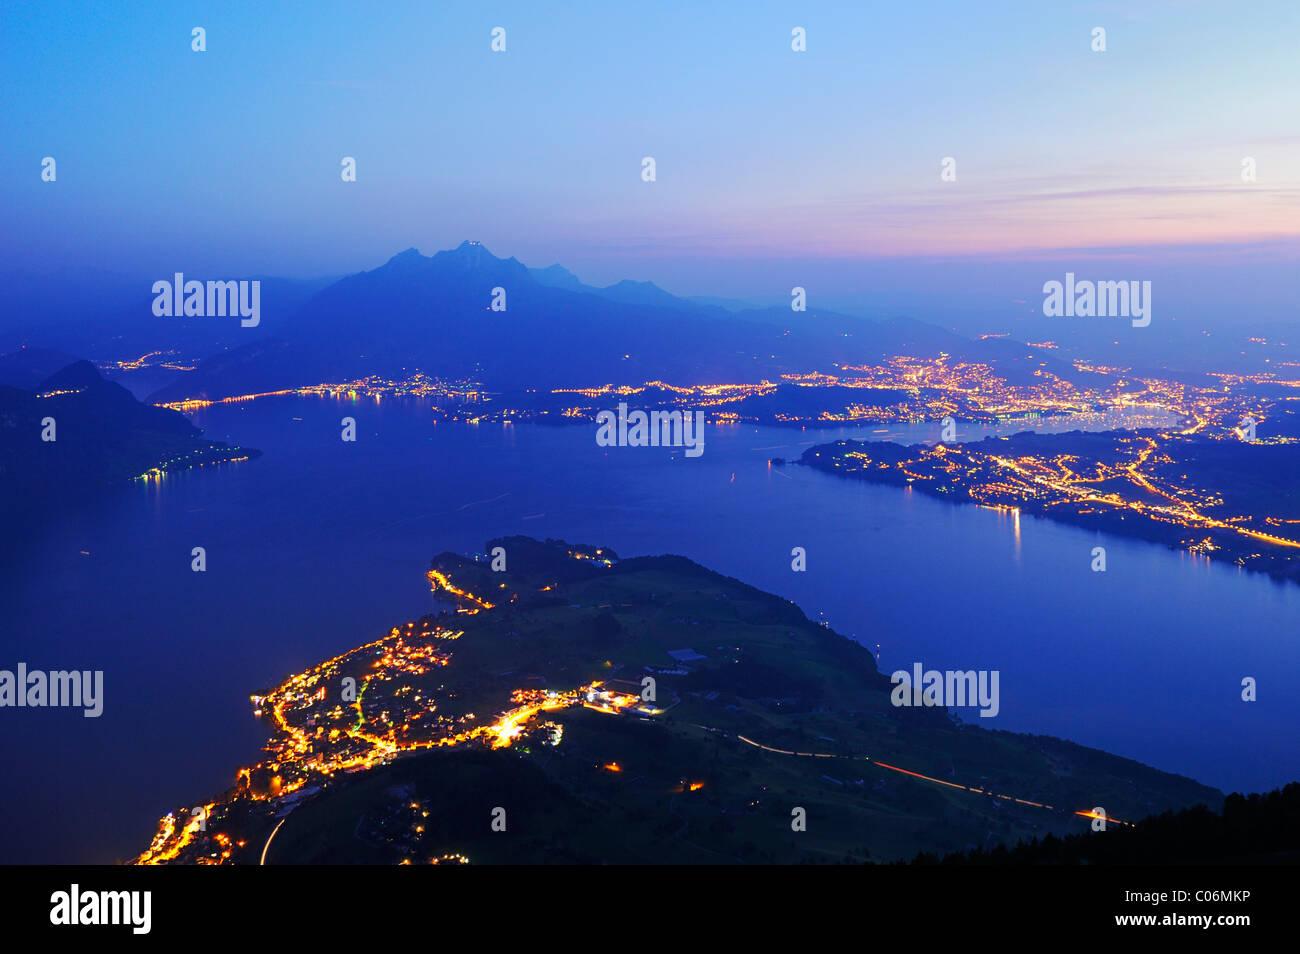 Le lac de Lucerne avec la ville de Lucerne, au loin, la montagne Pilatus, Lucerne, Suisse, Europe Photo Stock